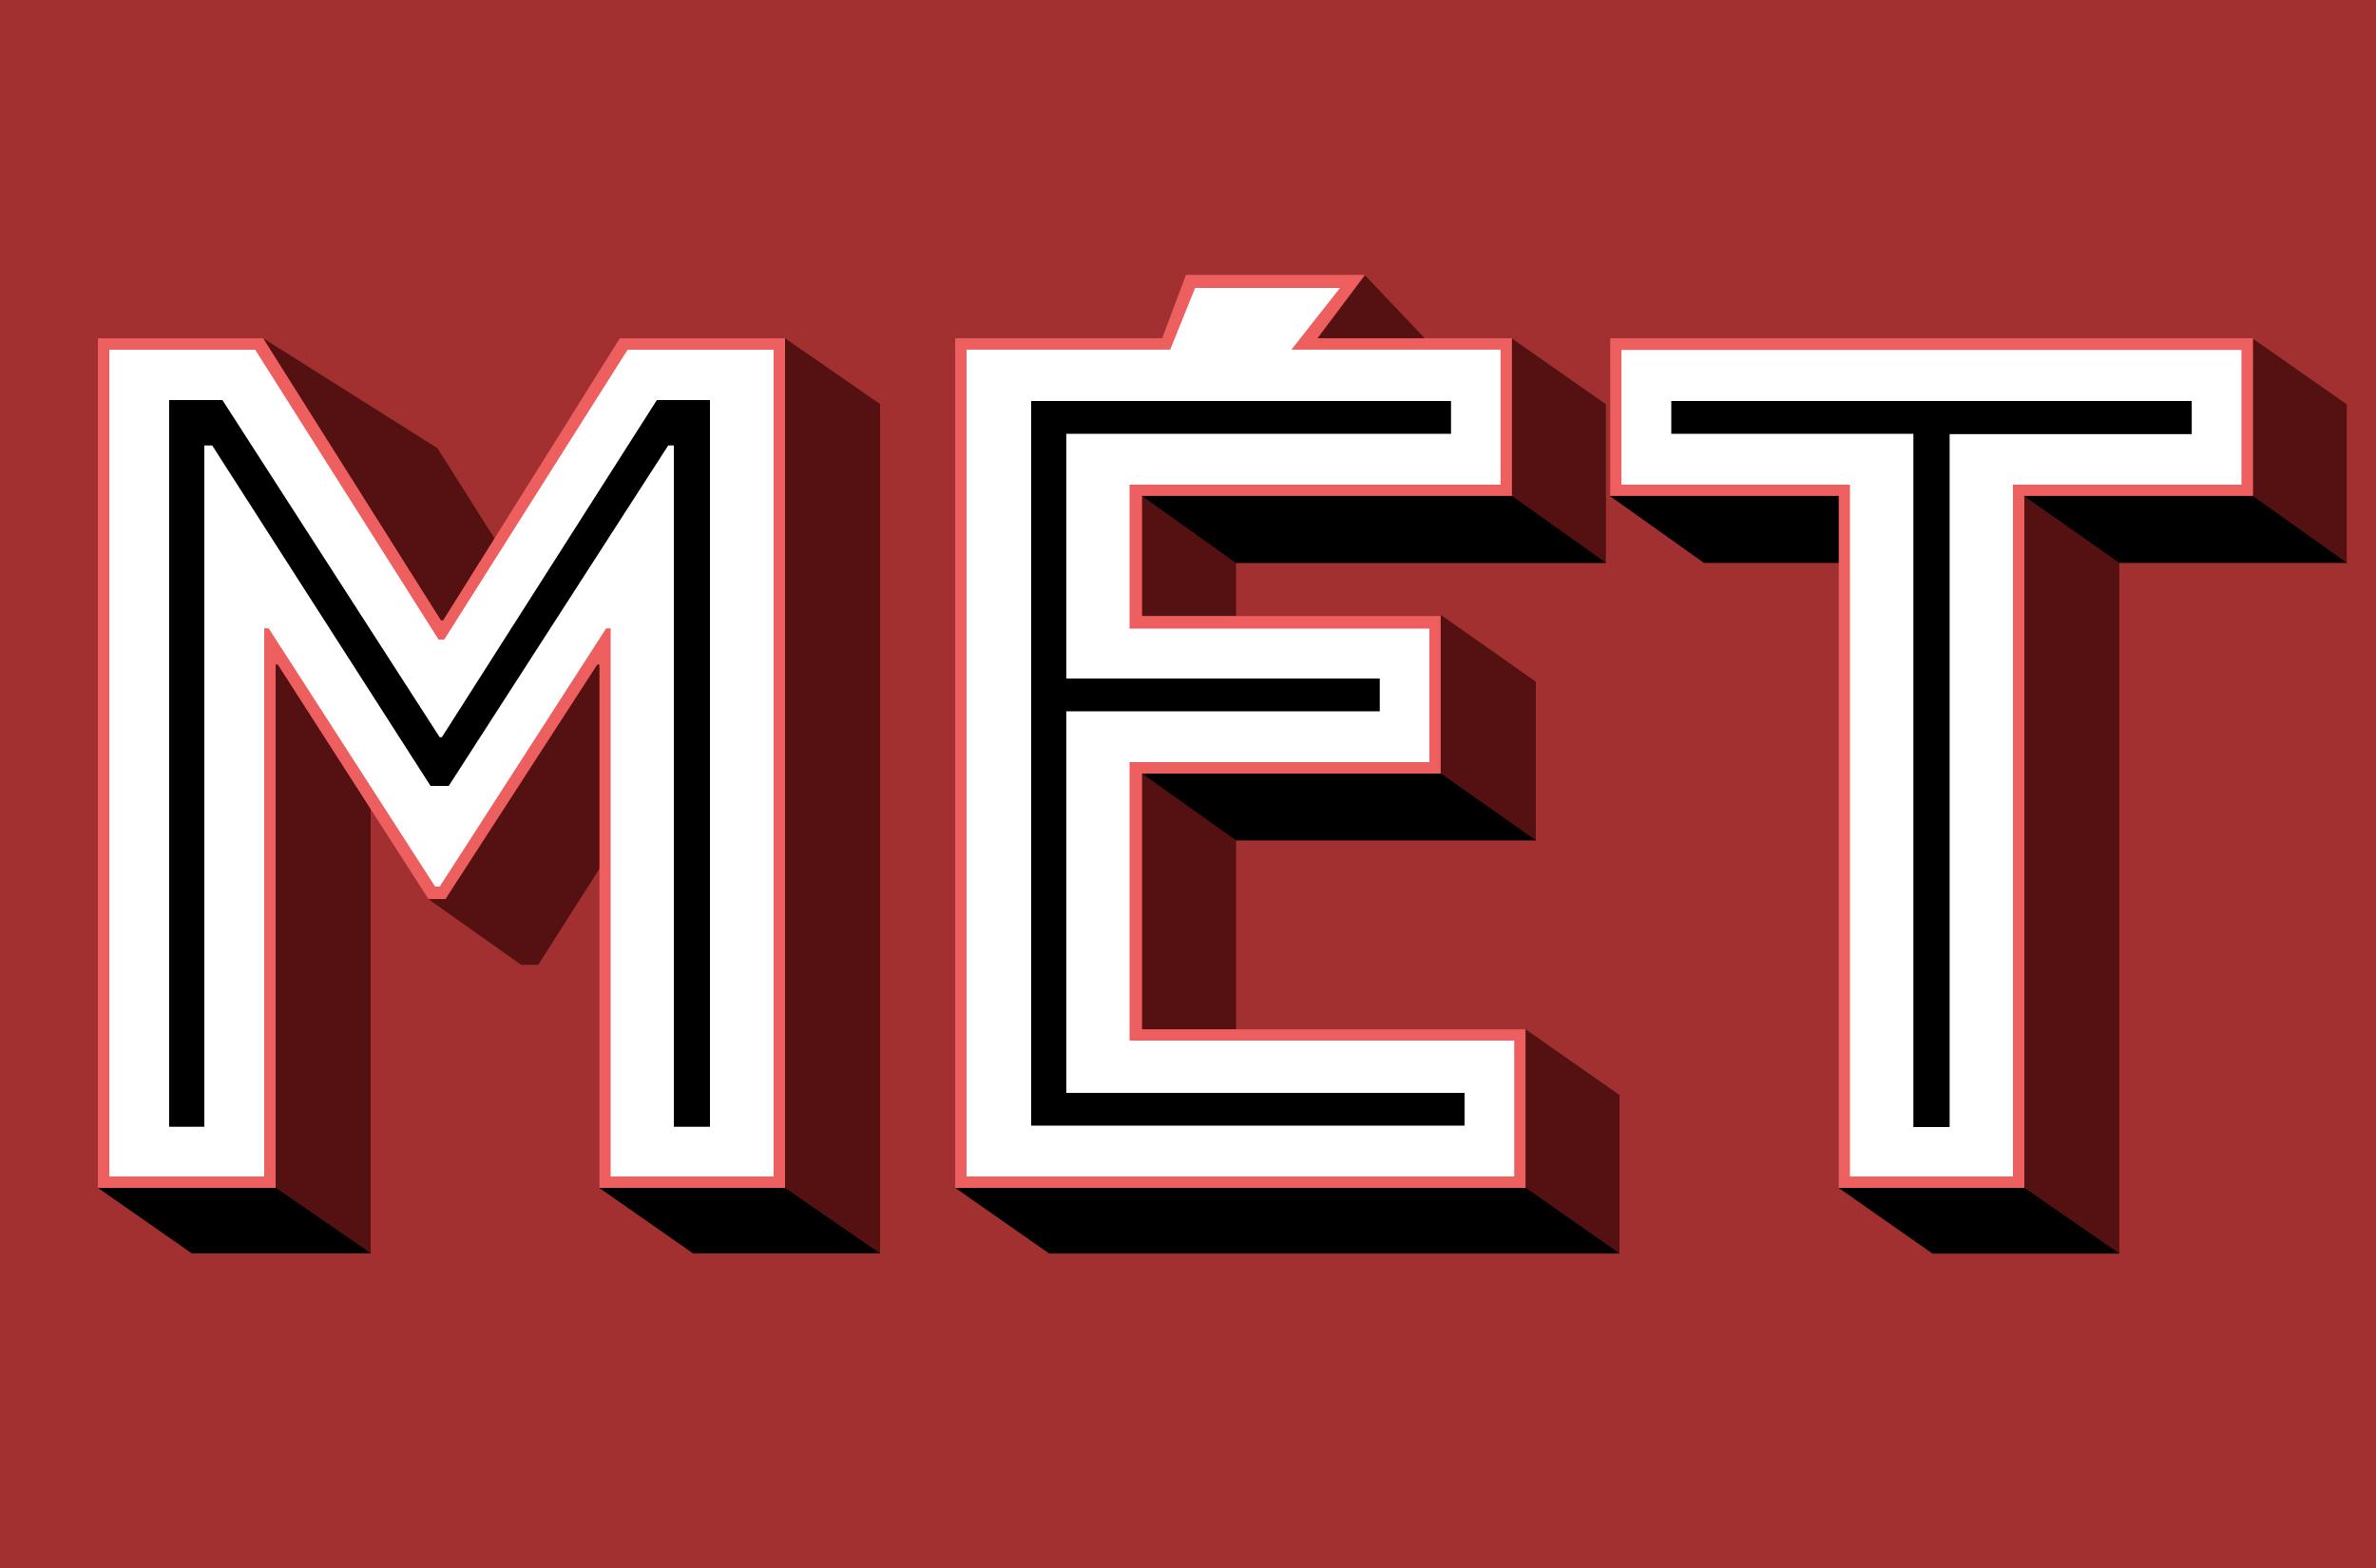 Jeu typographique Banette - 2